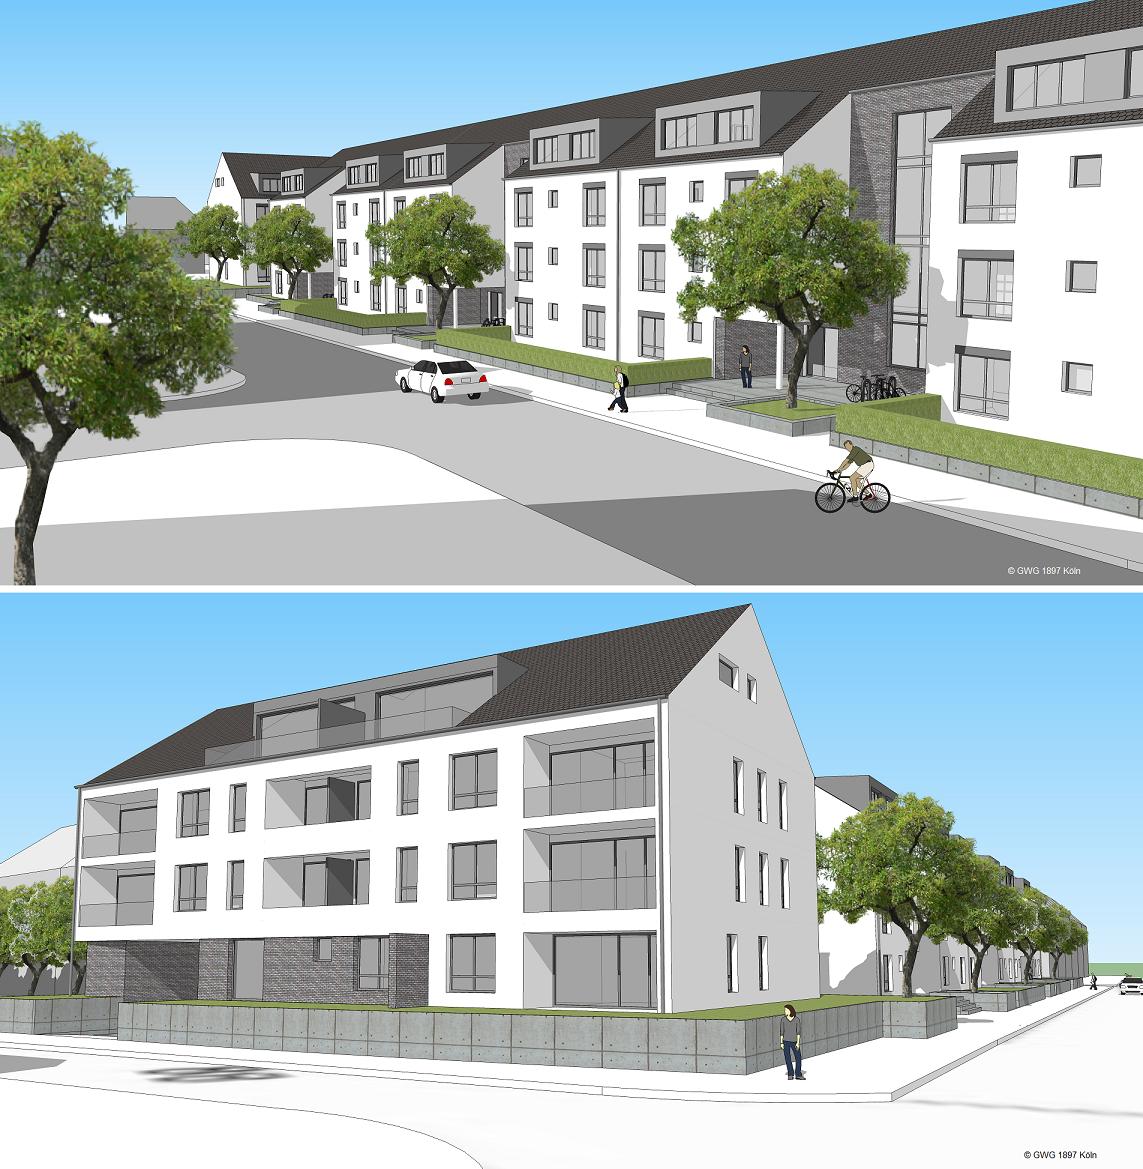 Köln: GWG 1897 baut 47 barrierefreie Wohnungen in Dellbrück